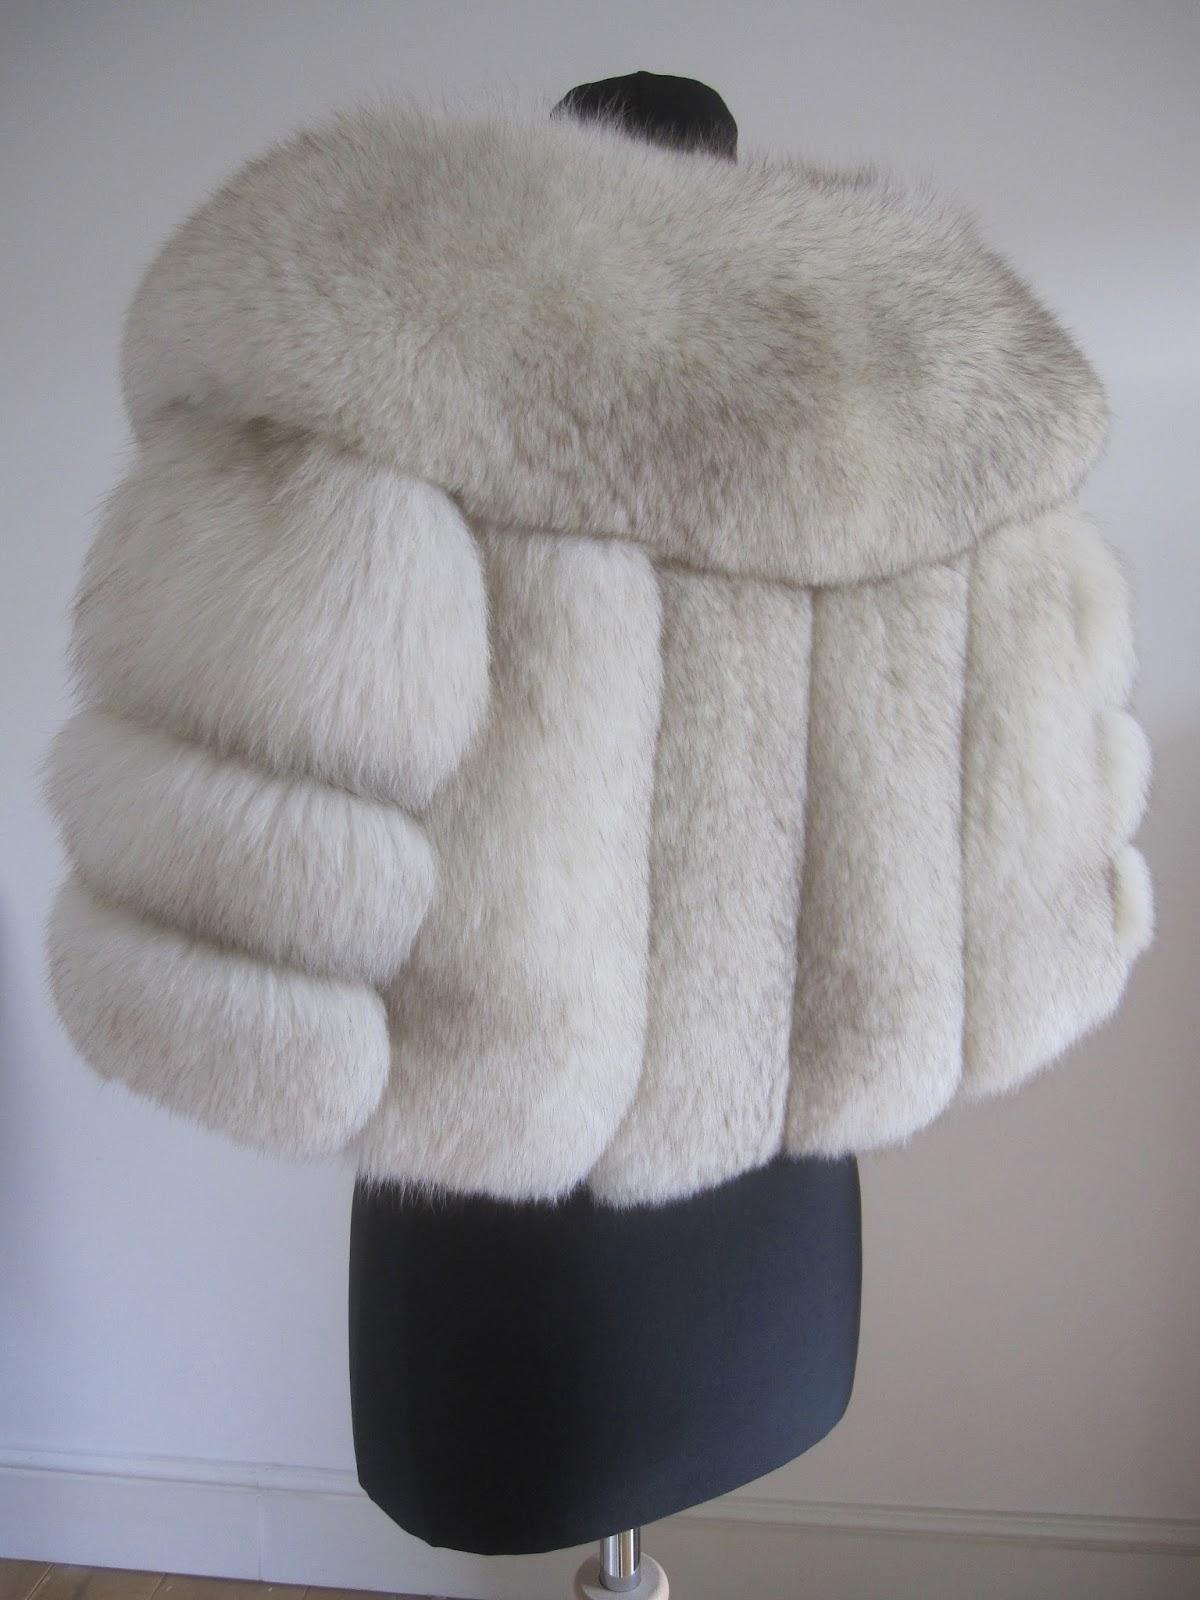 Rosie Daydream Large Norwegian Fox Fur Silver Stole Cape Shawl Wedding Ideas Bridalwear